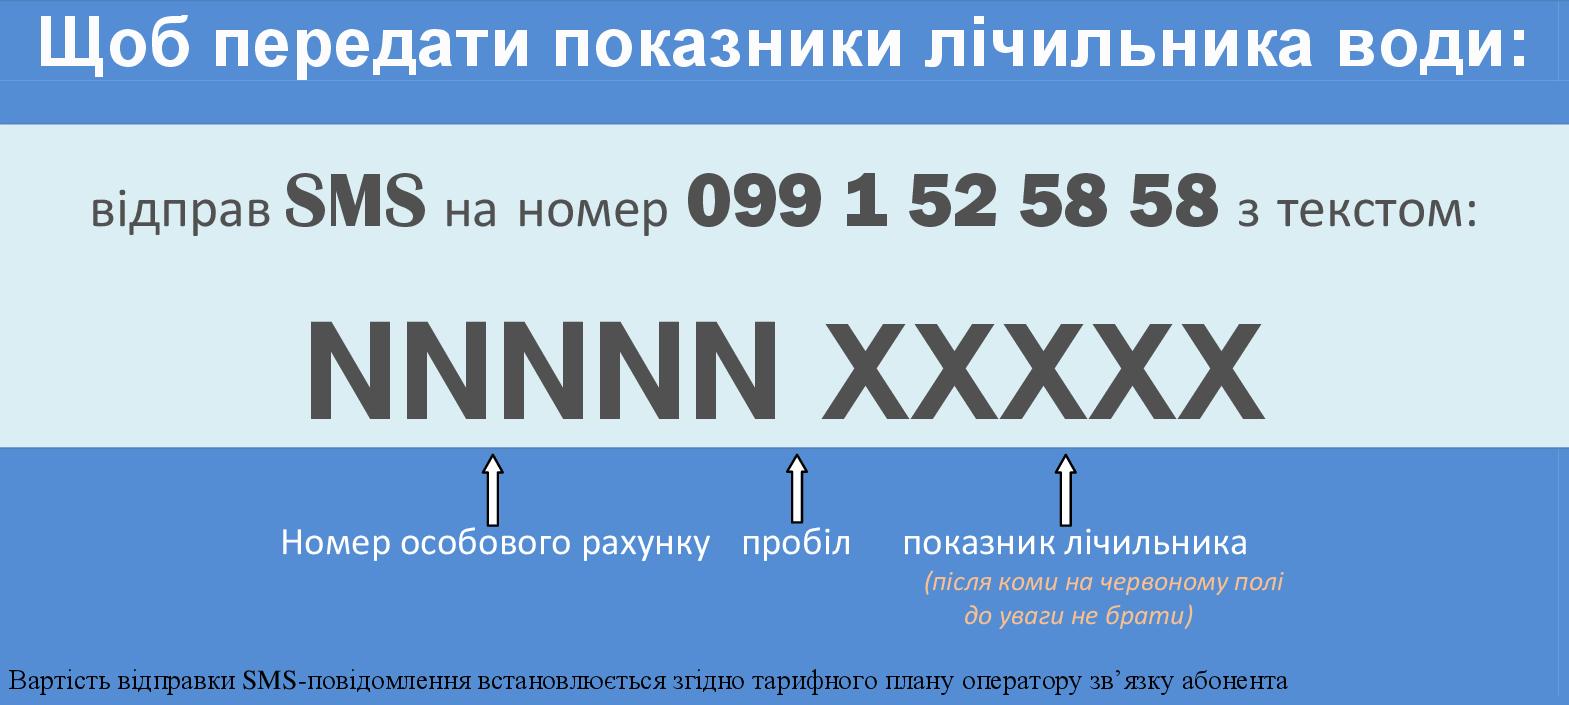 Показники лічильника води можна передати через Viber та SMS-повідомлення